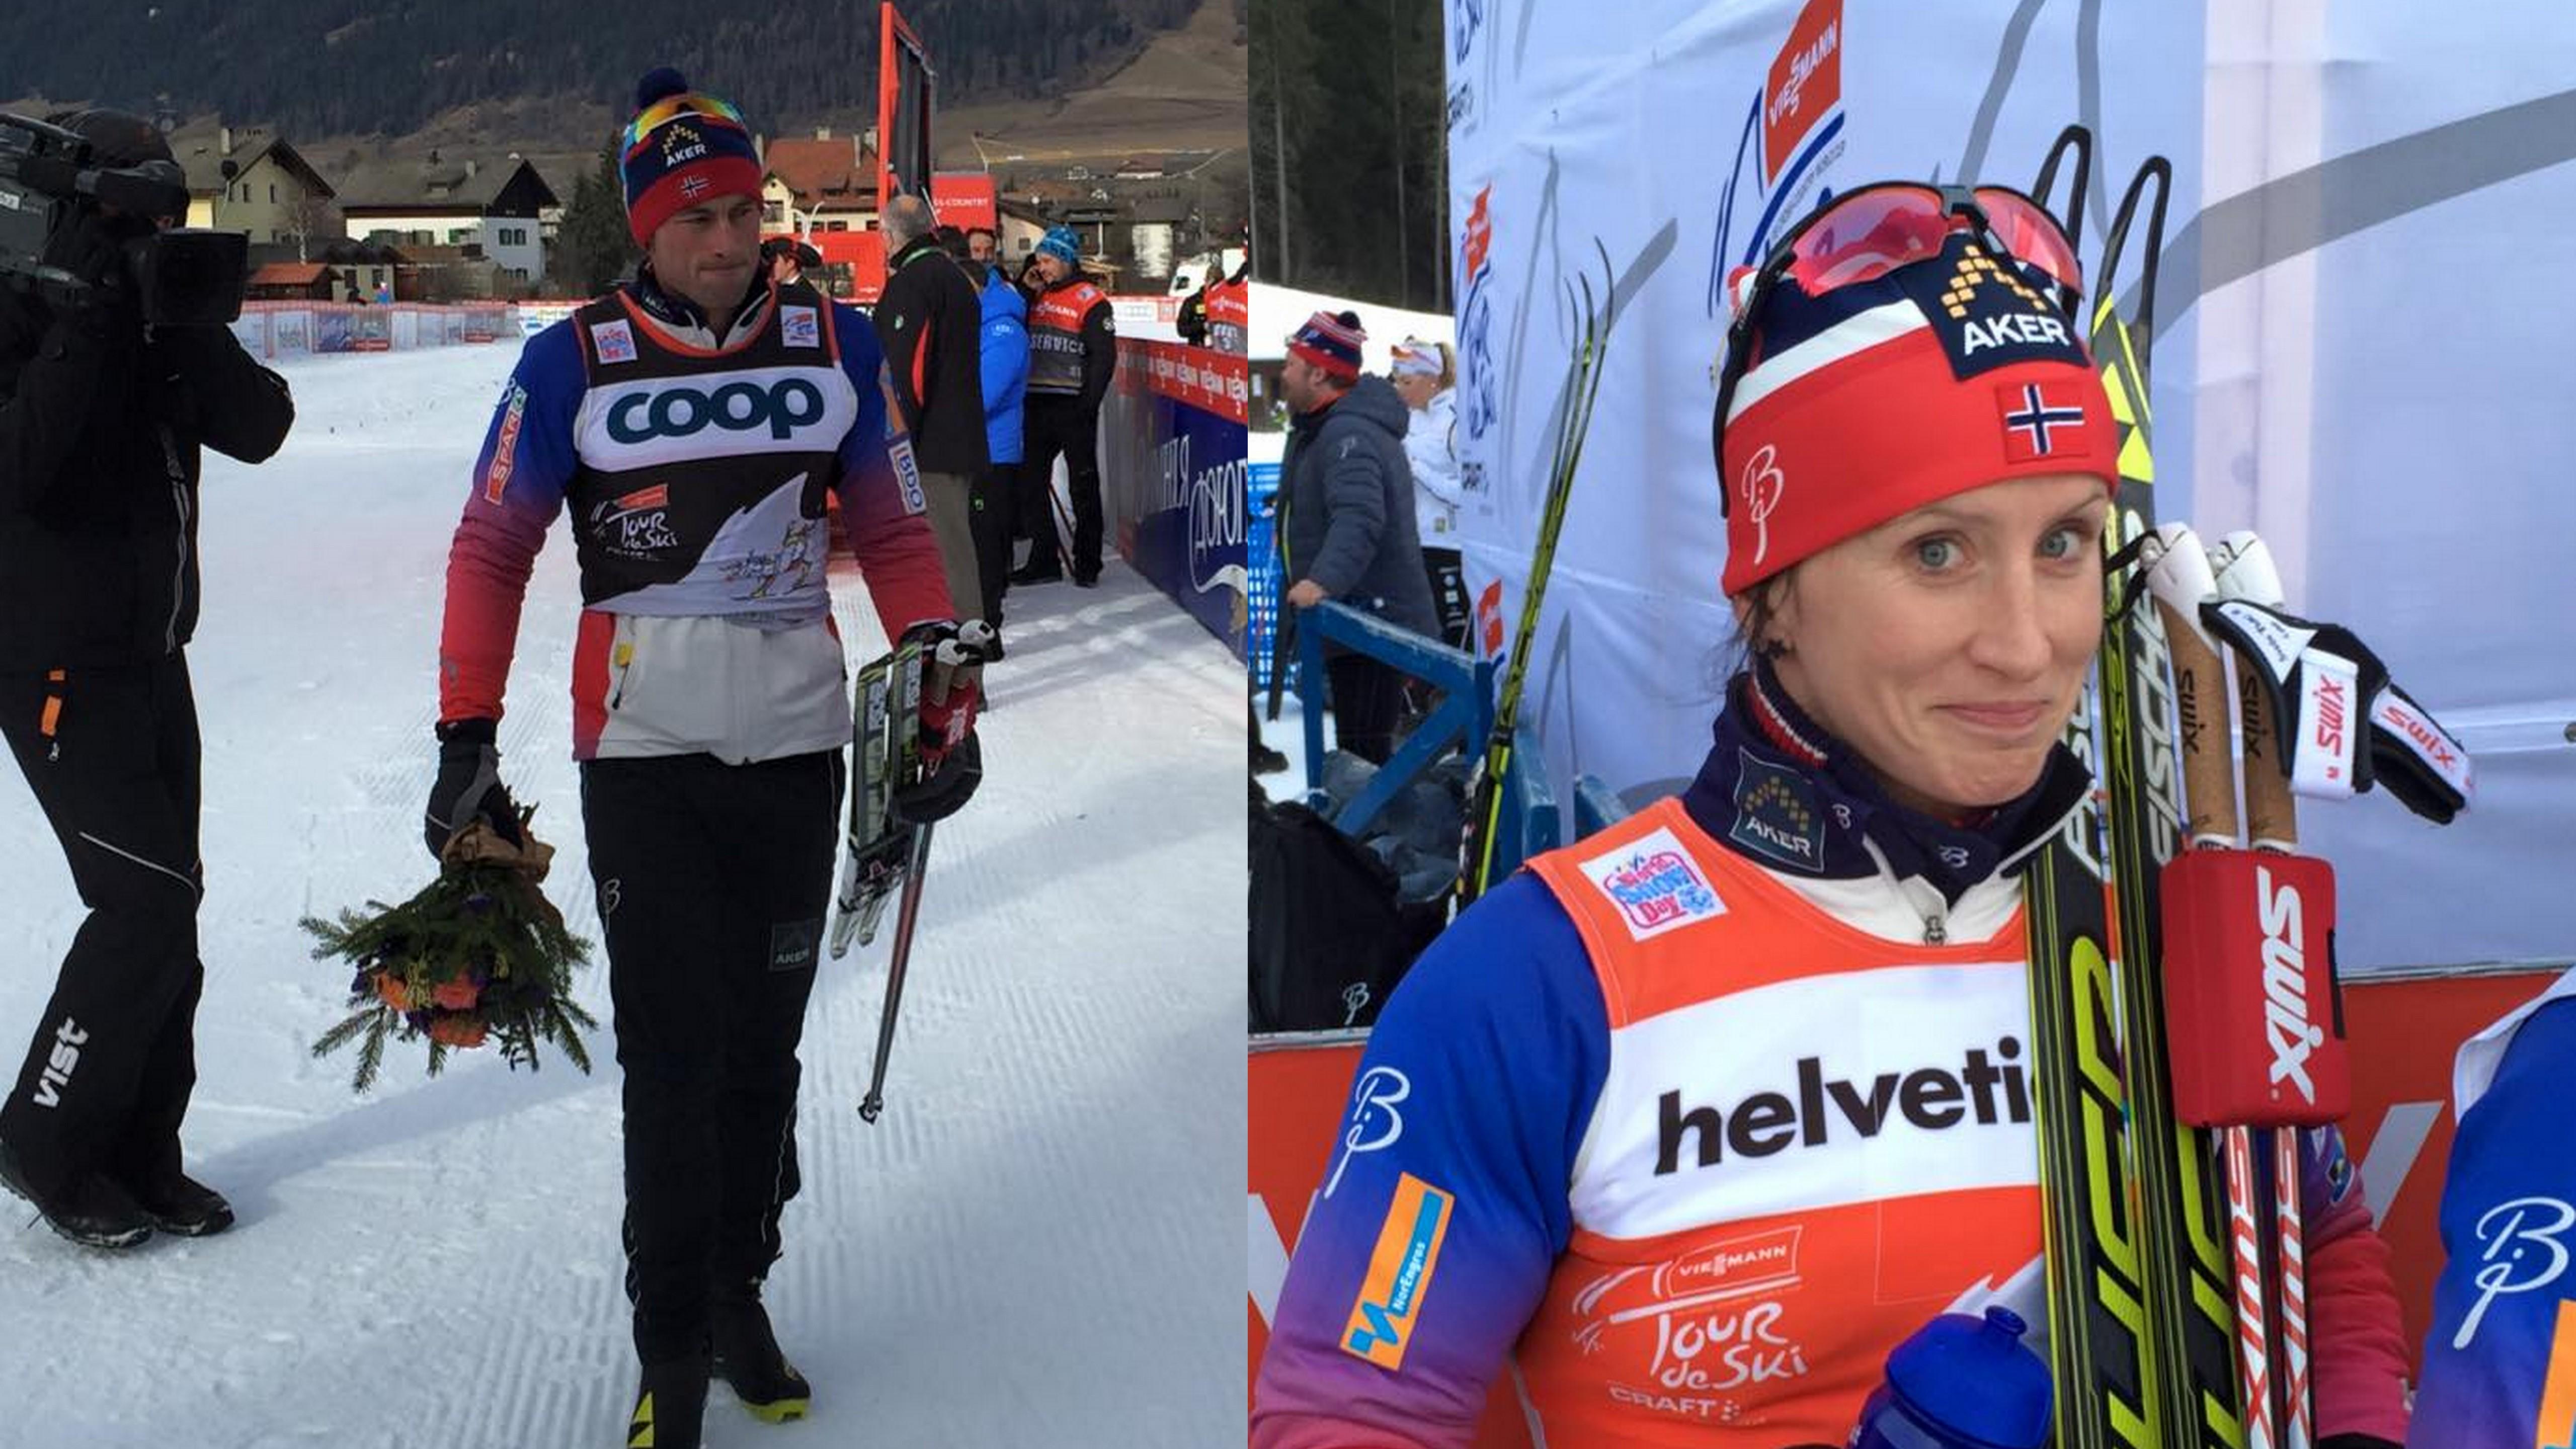 Spanilá jazda Bjoergenovej pokračuje aj po 5. etape, Northug si víťazstvom udržal vedenie